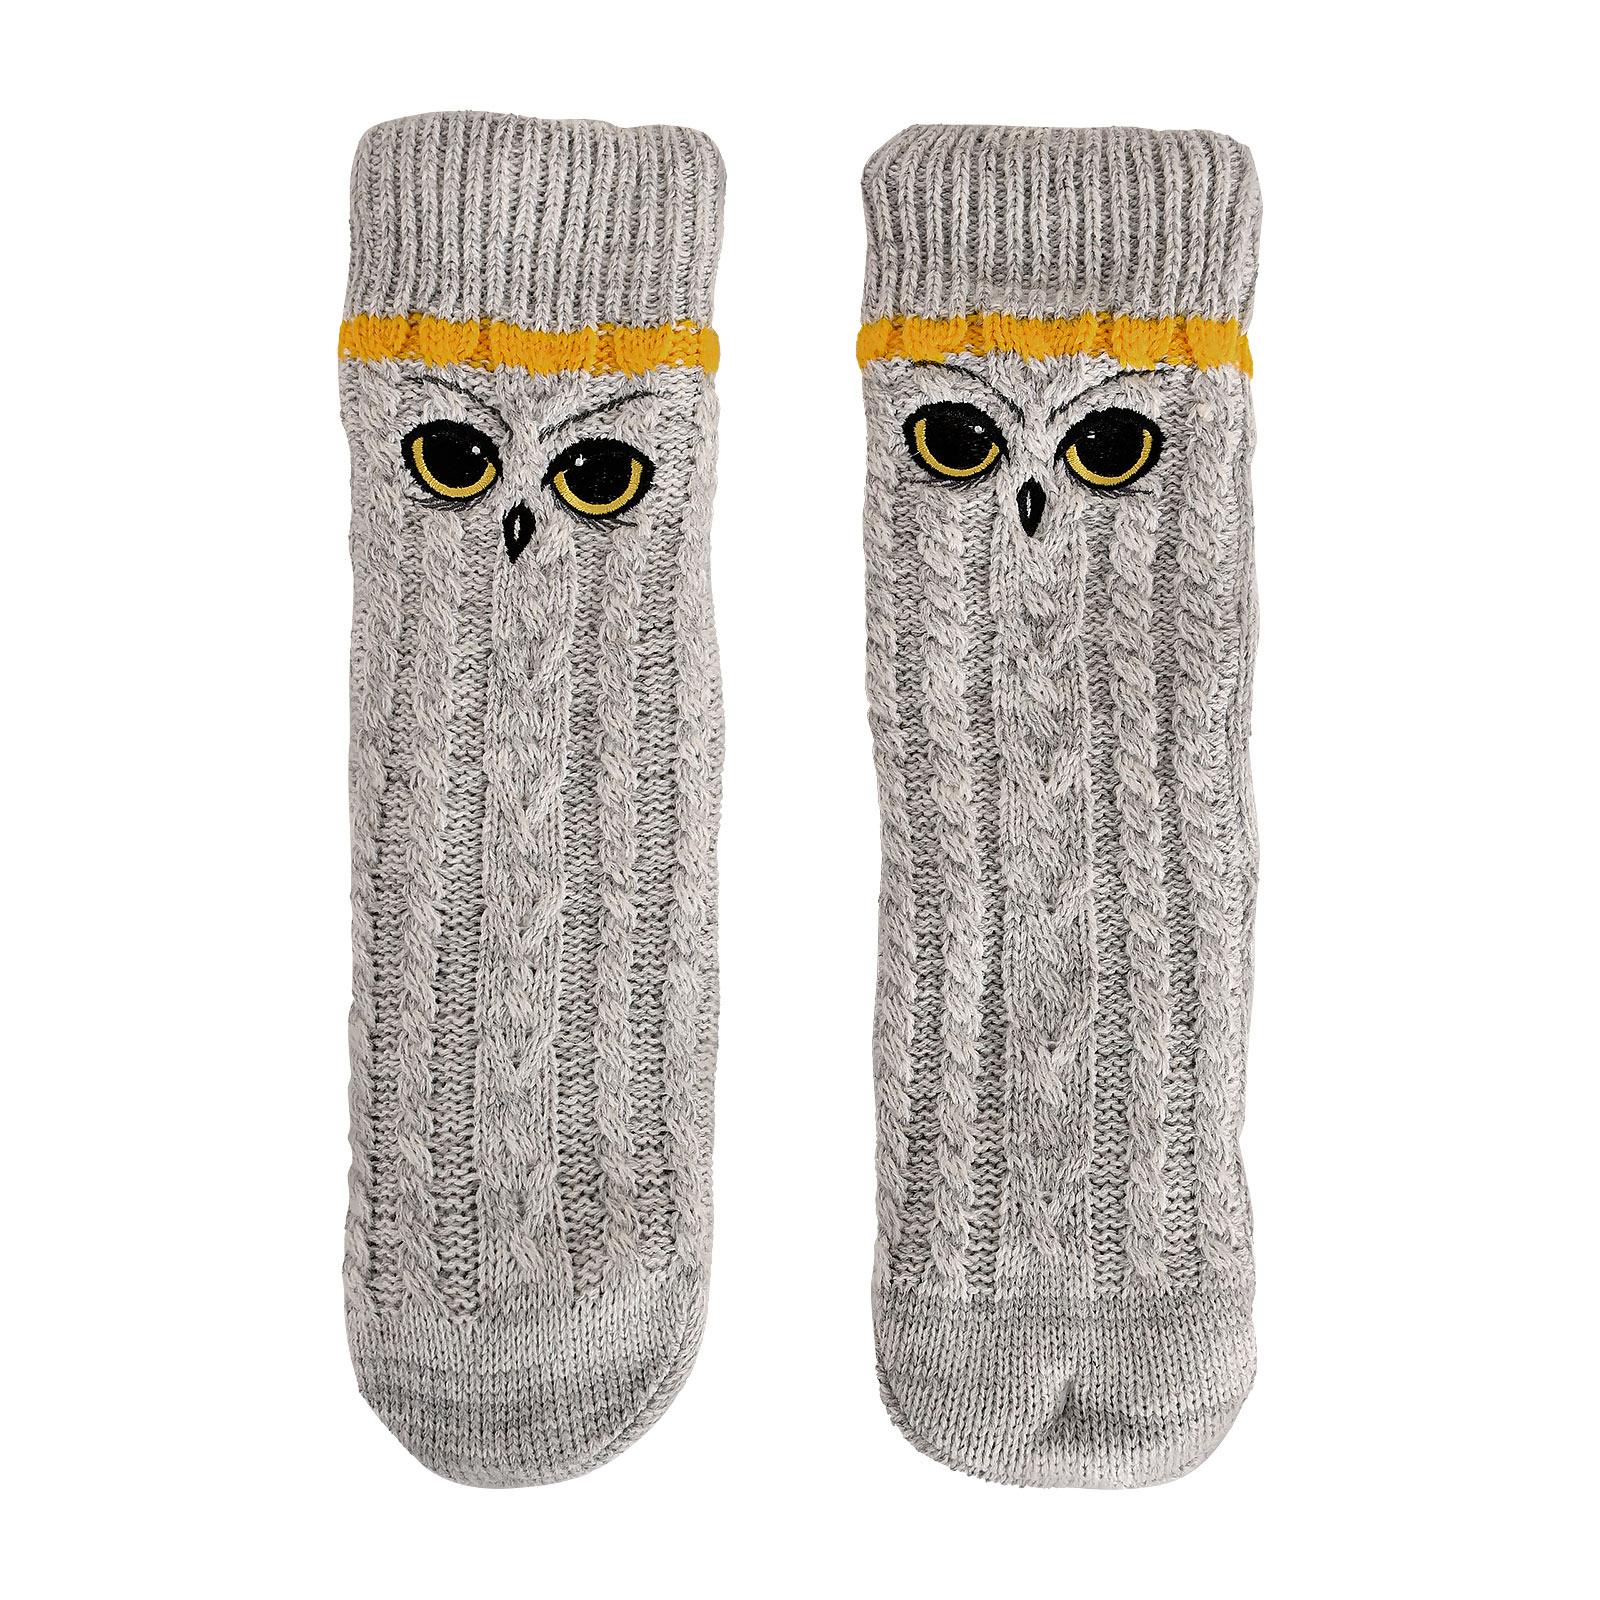 Harry Potter - Hedwig Socken grau